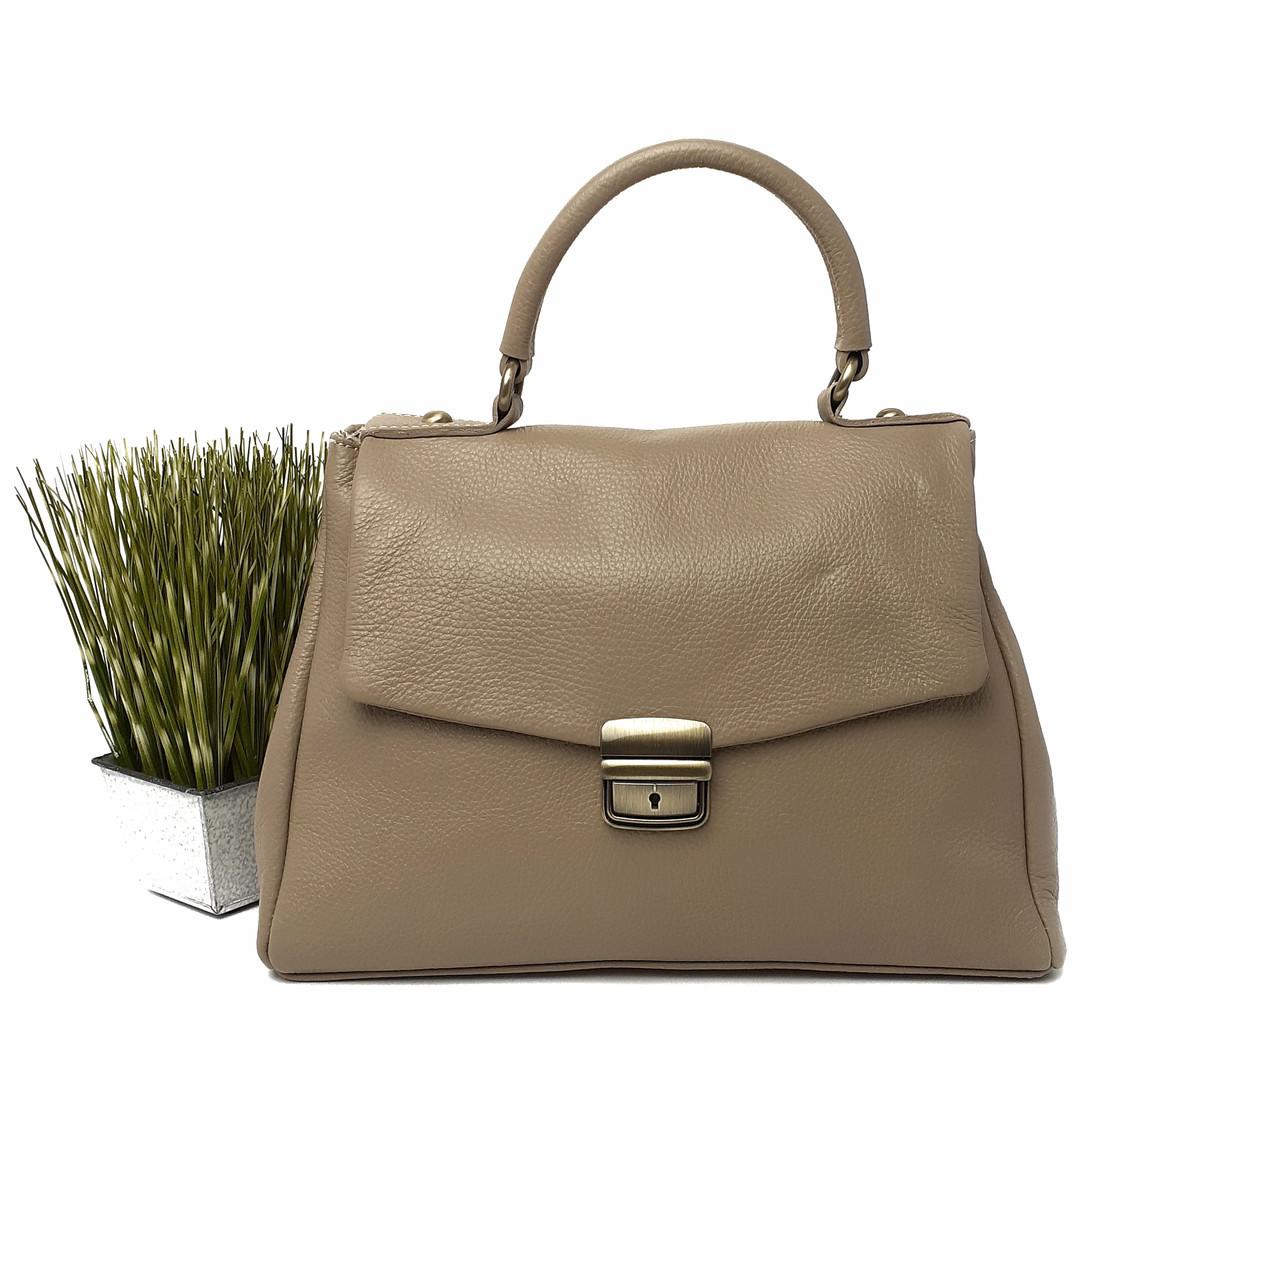 Класична ділова жіноча шкіряна сумка Арт.3179 ( BB) V. P. Італія